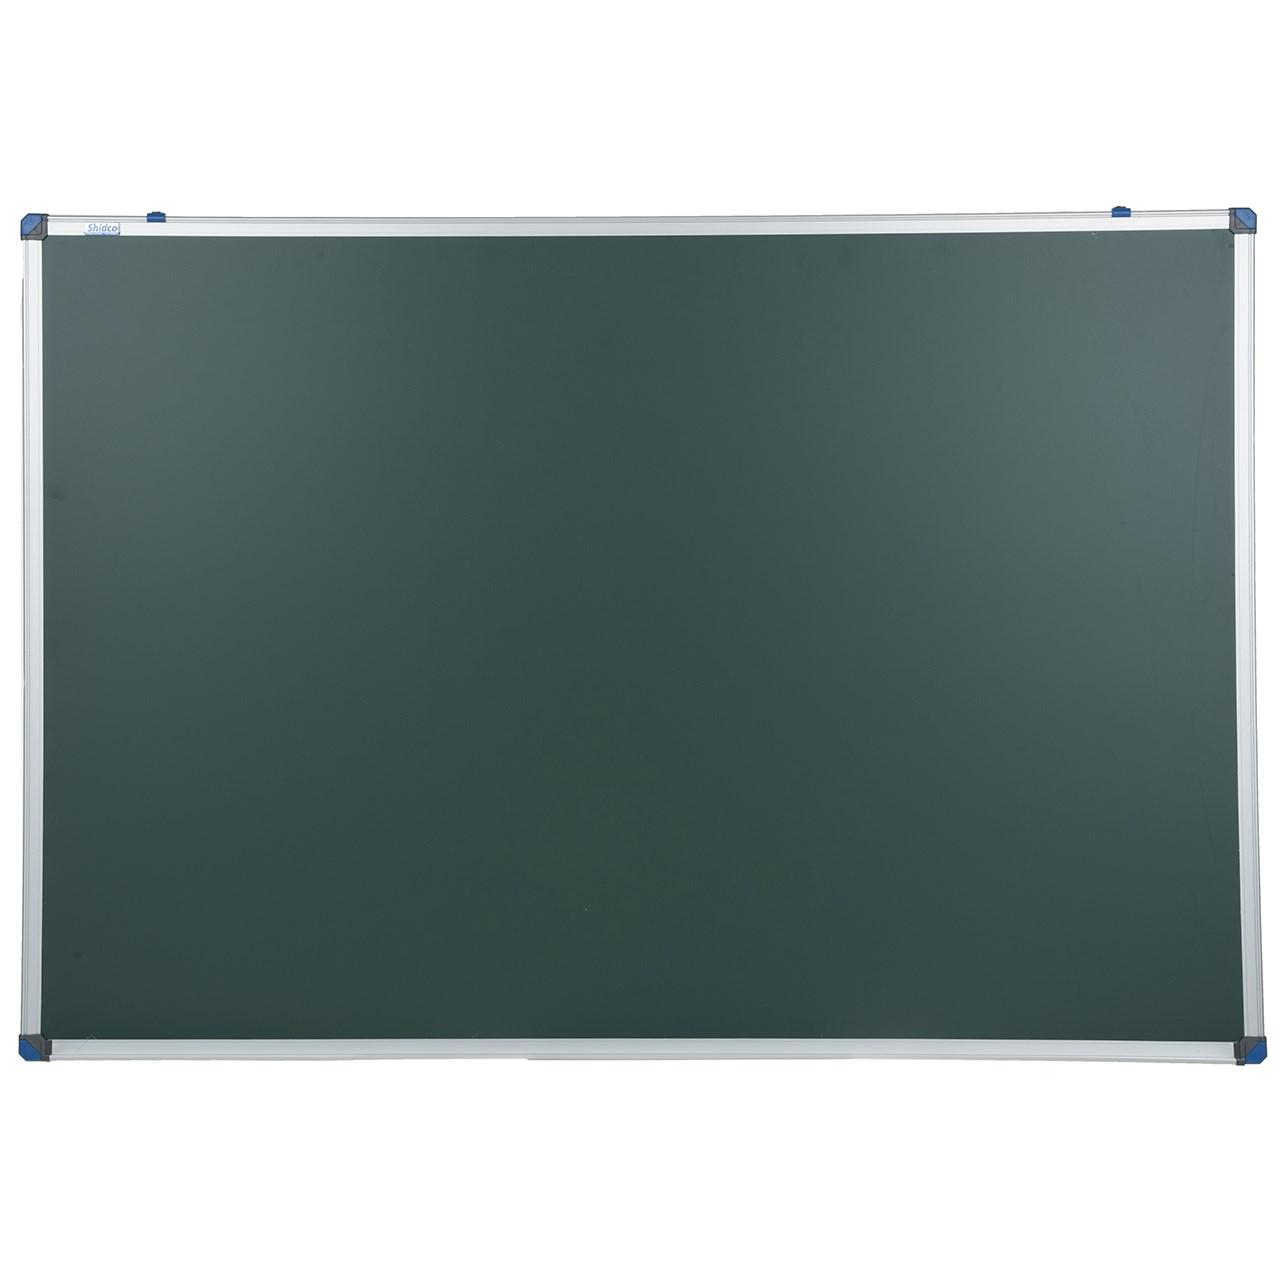 تخته گرین برد شیدکو مدل آلفا سایز 100×80 سانتیمتر